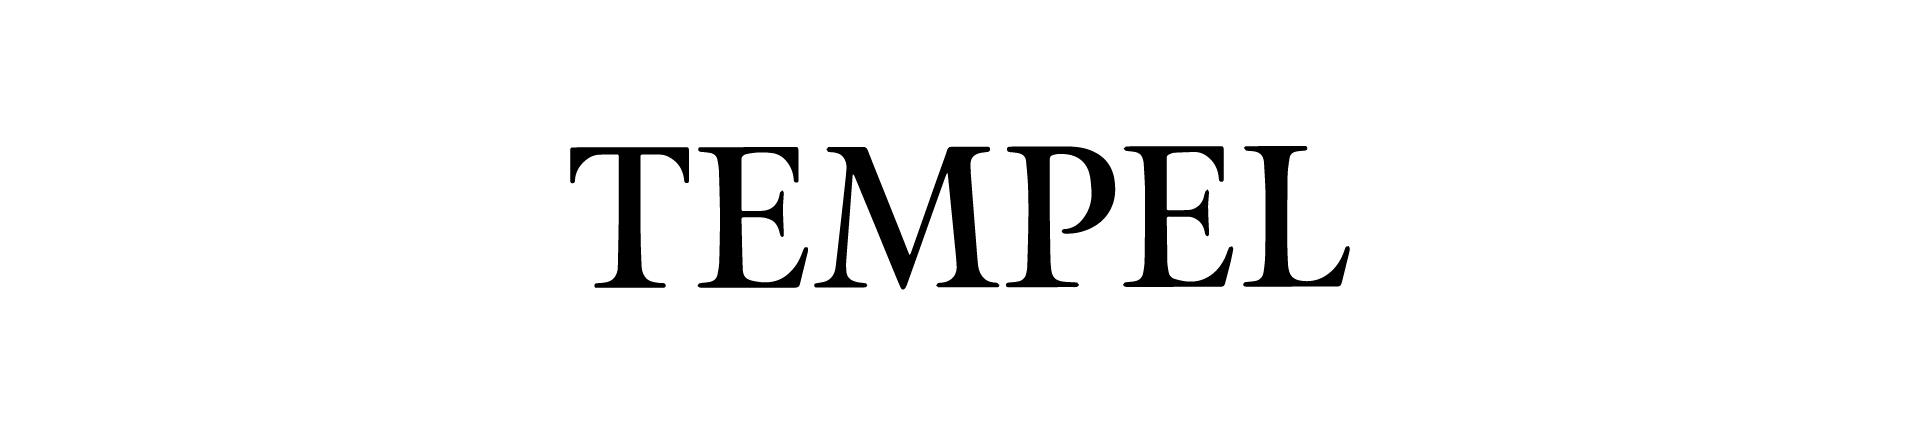 TempelDocumentation-04